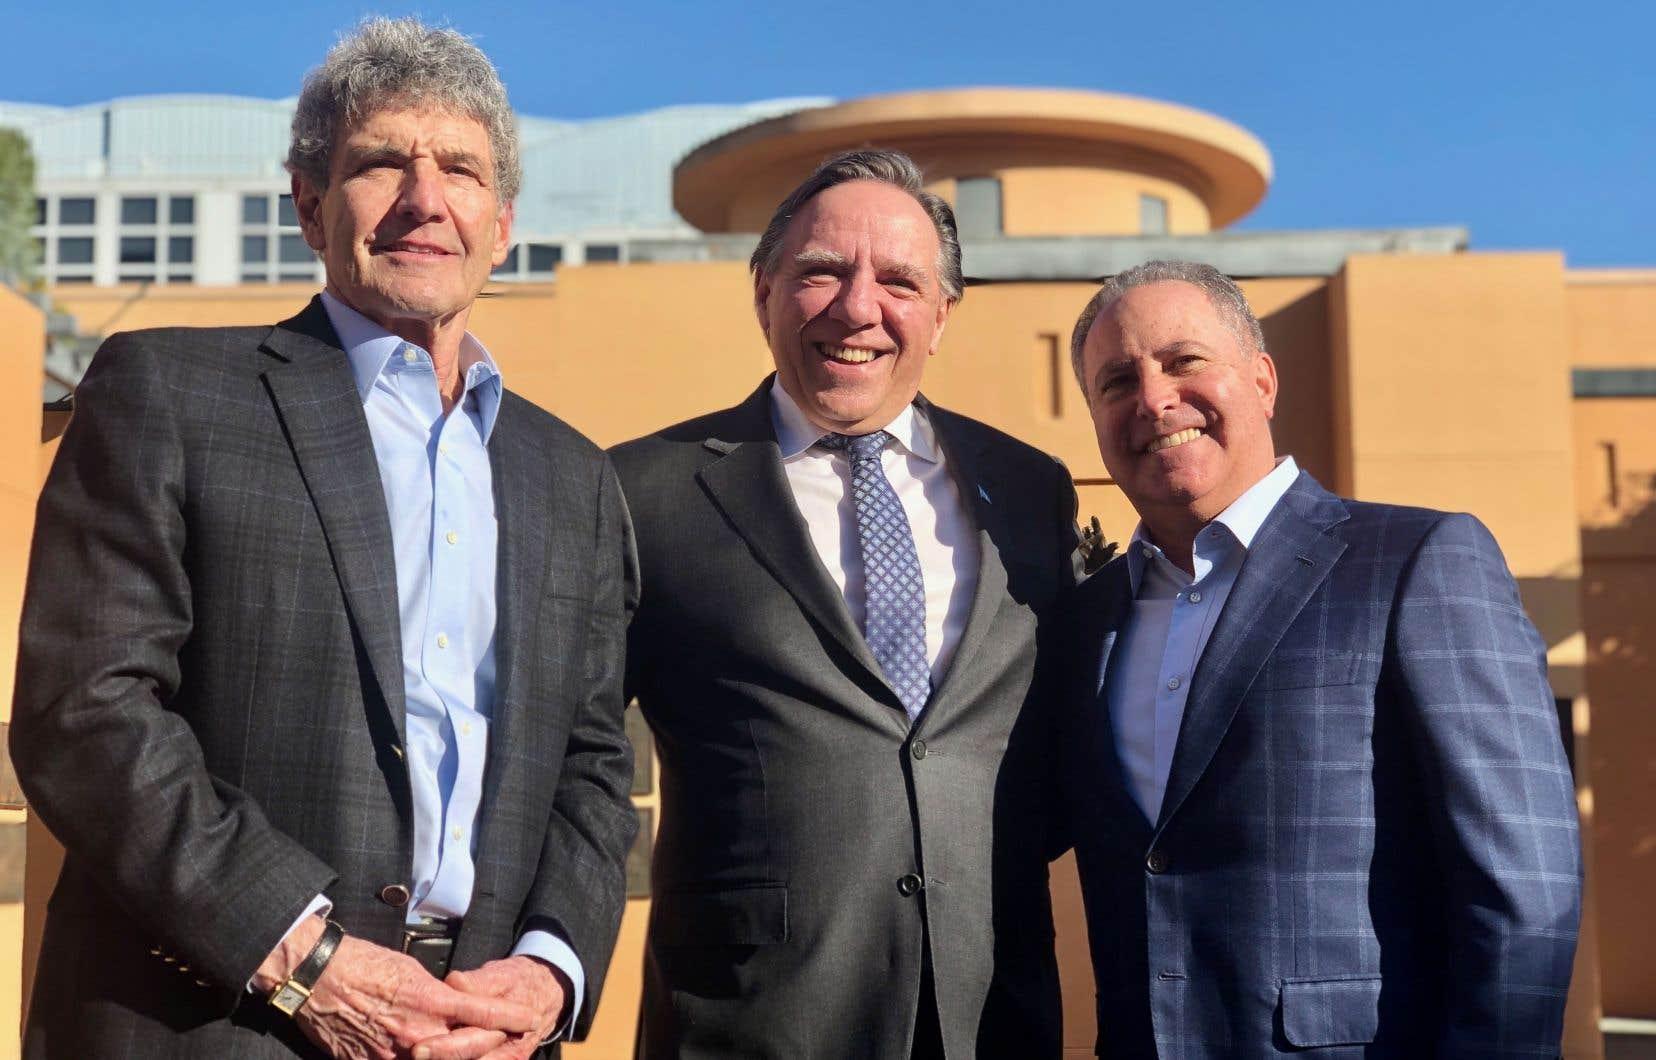 Le premier ministre François Legault avec les présidents de Disney Studios, Alan Horn (à gauche) et Alan Bergman (à droite)